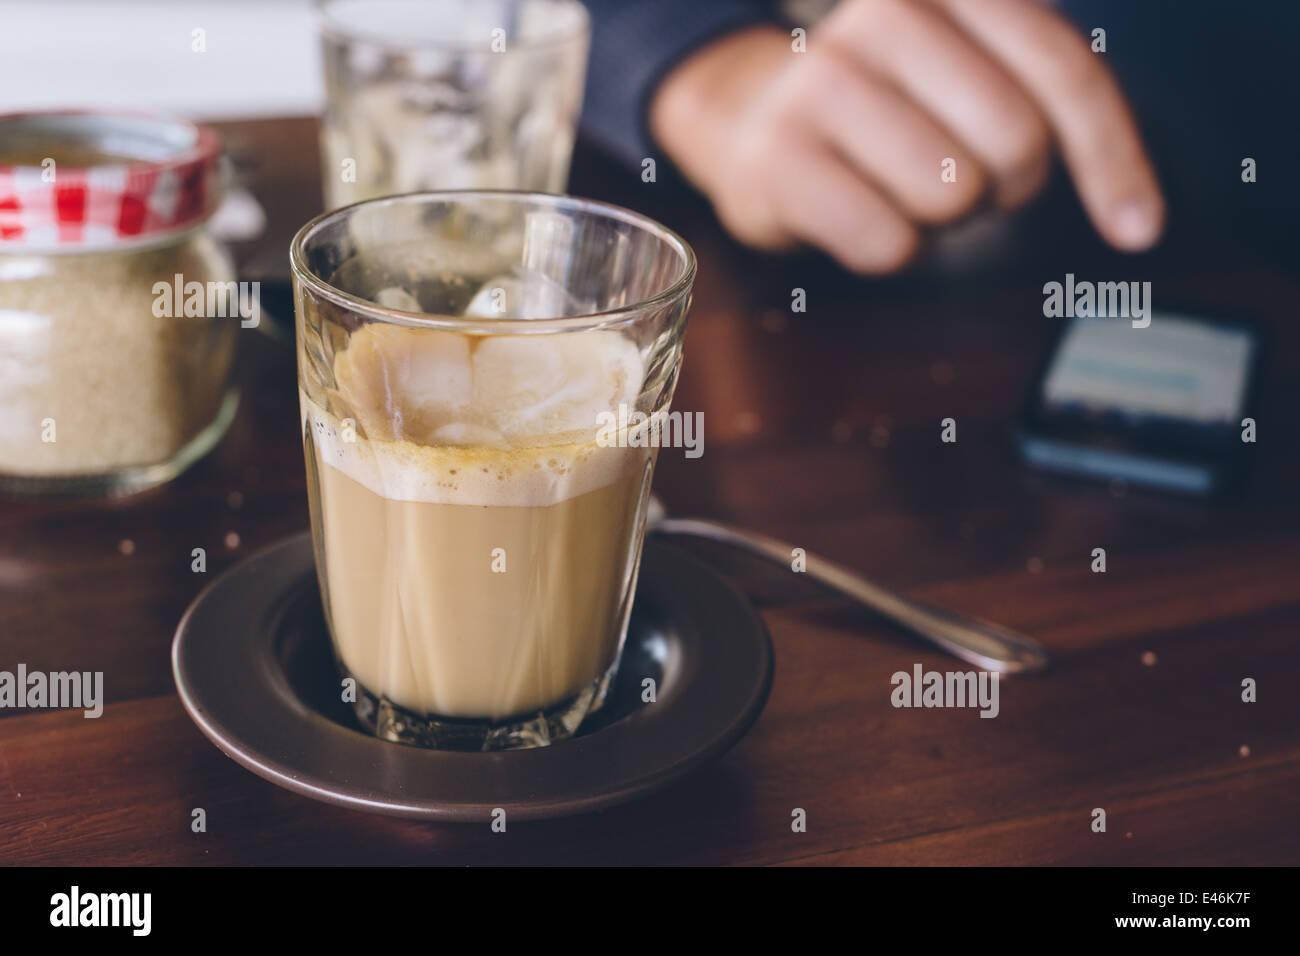 ein Mann mit seinem Handy in einem café Stockbild